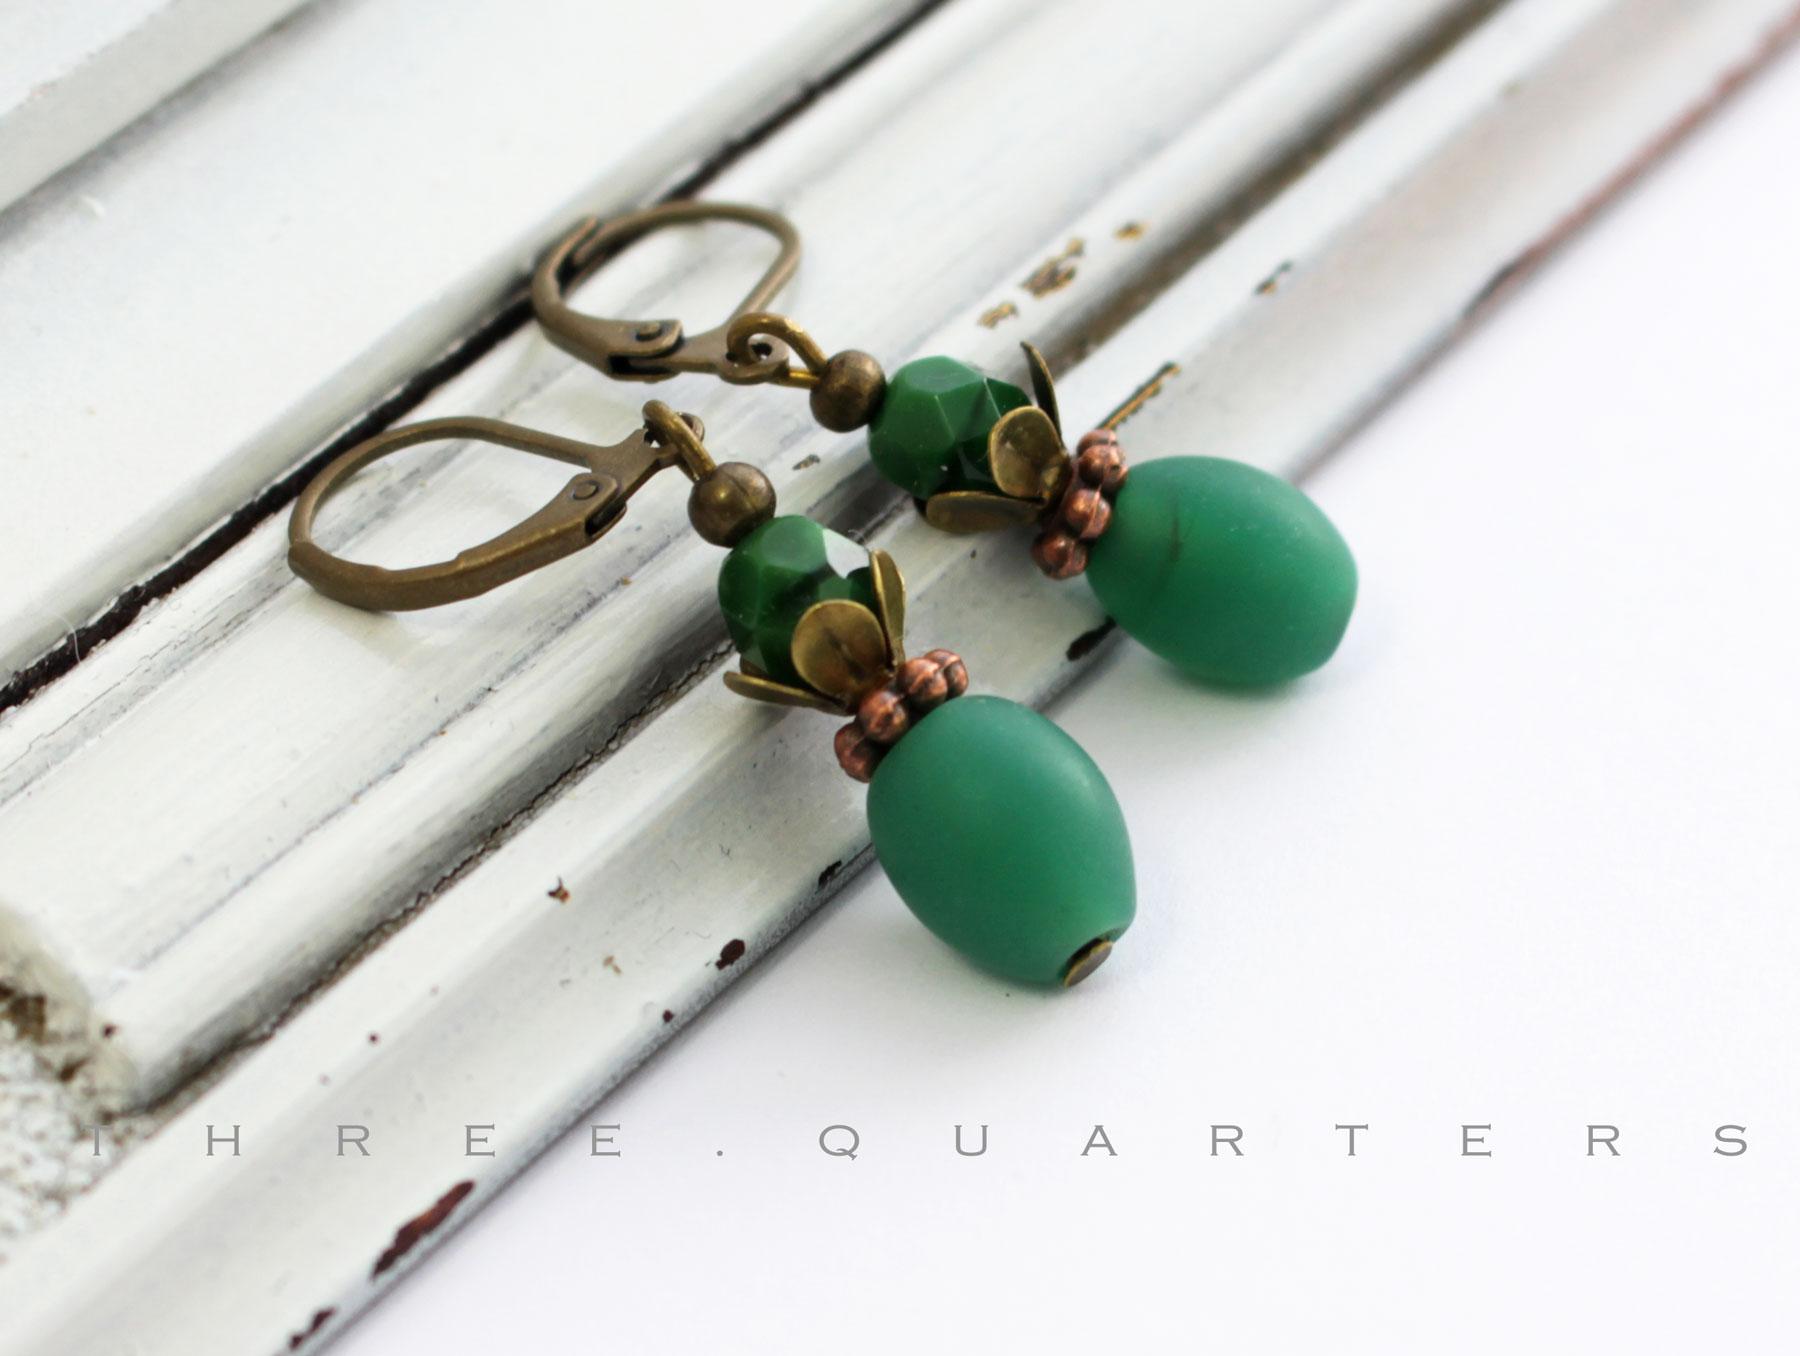 Brautschmuck ohrringe schlicht  Three-Quarters - Ohrringe, grün, dunkelgrün, vintage, niedlich ...